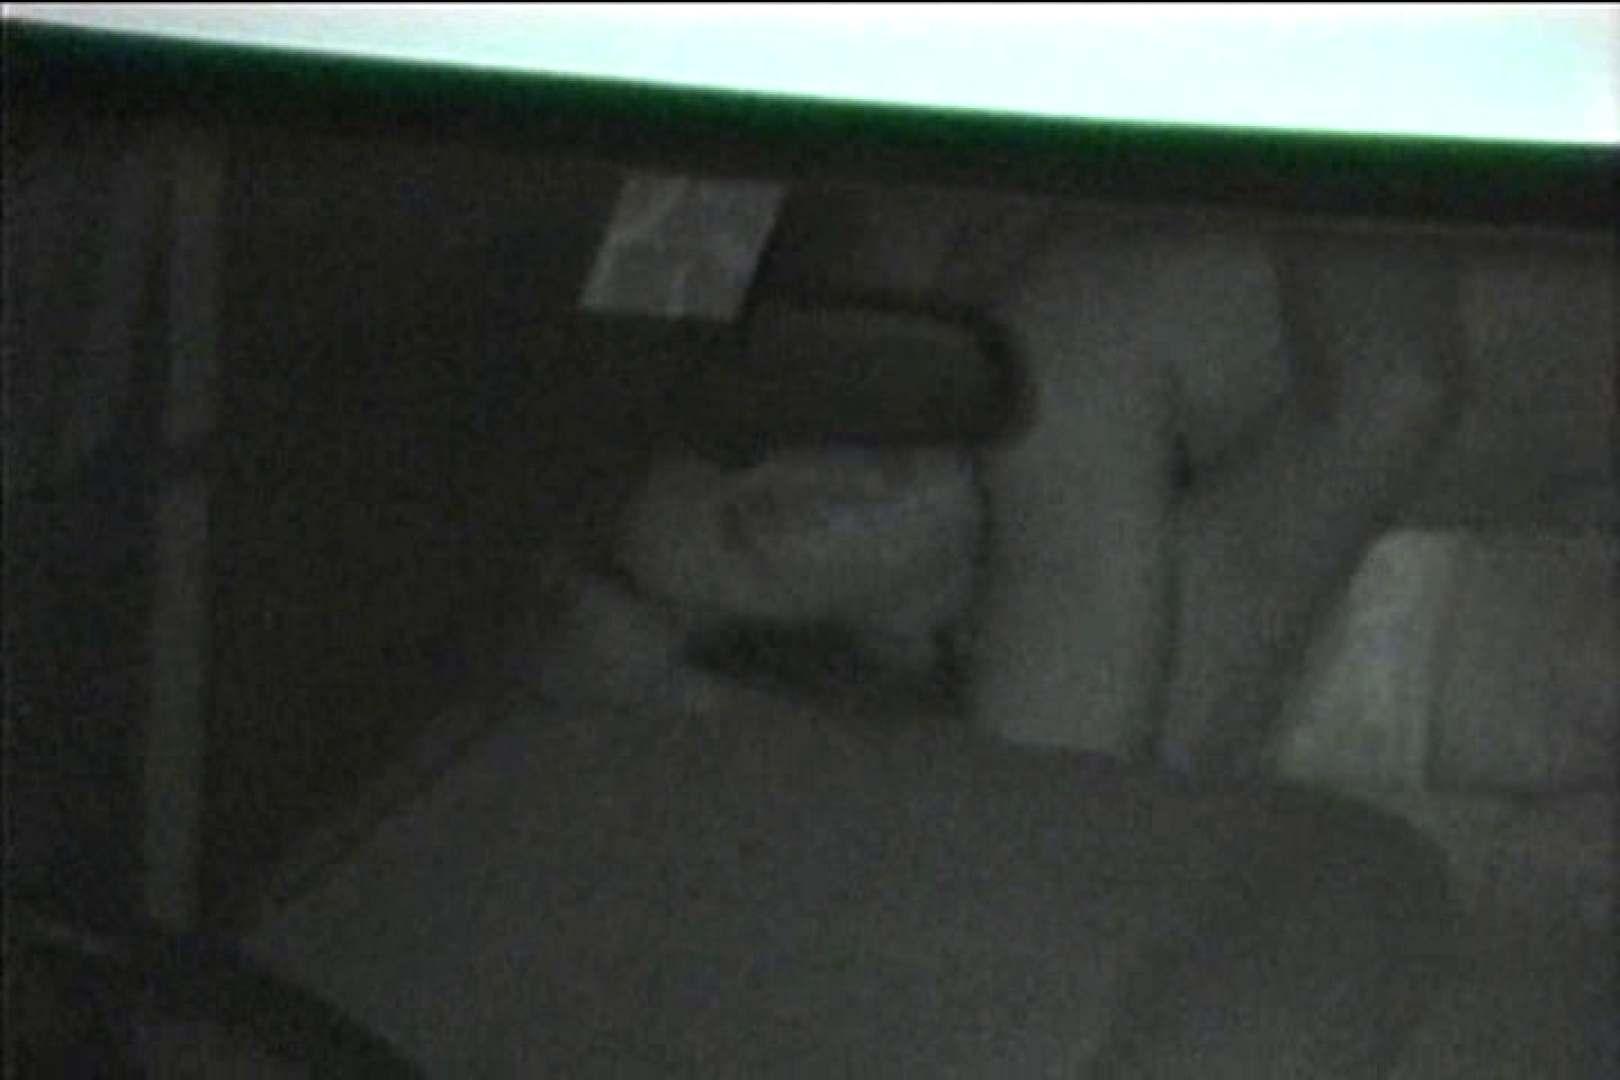 車の中はラブホテル 無修正版  Vol.7 車 セックス無修正動画無料 96連発 60